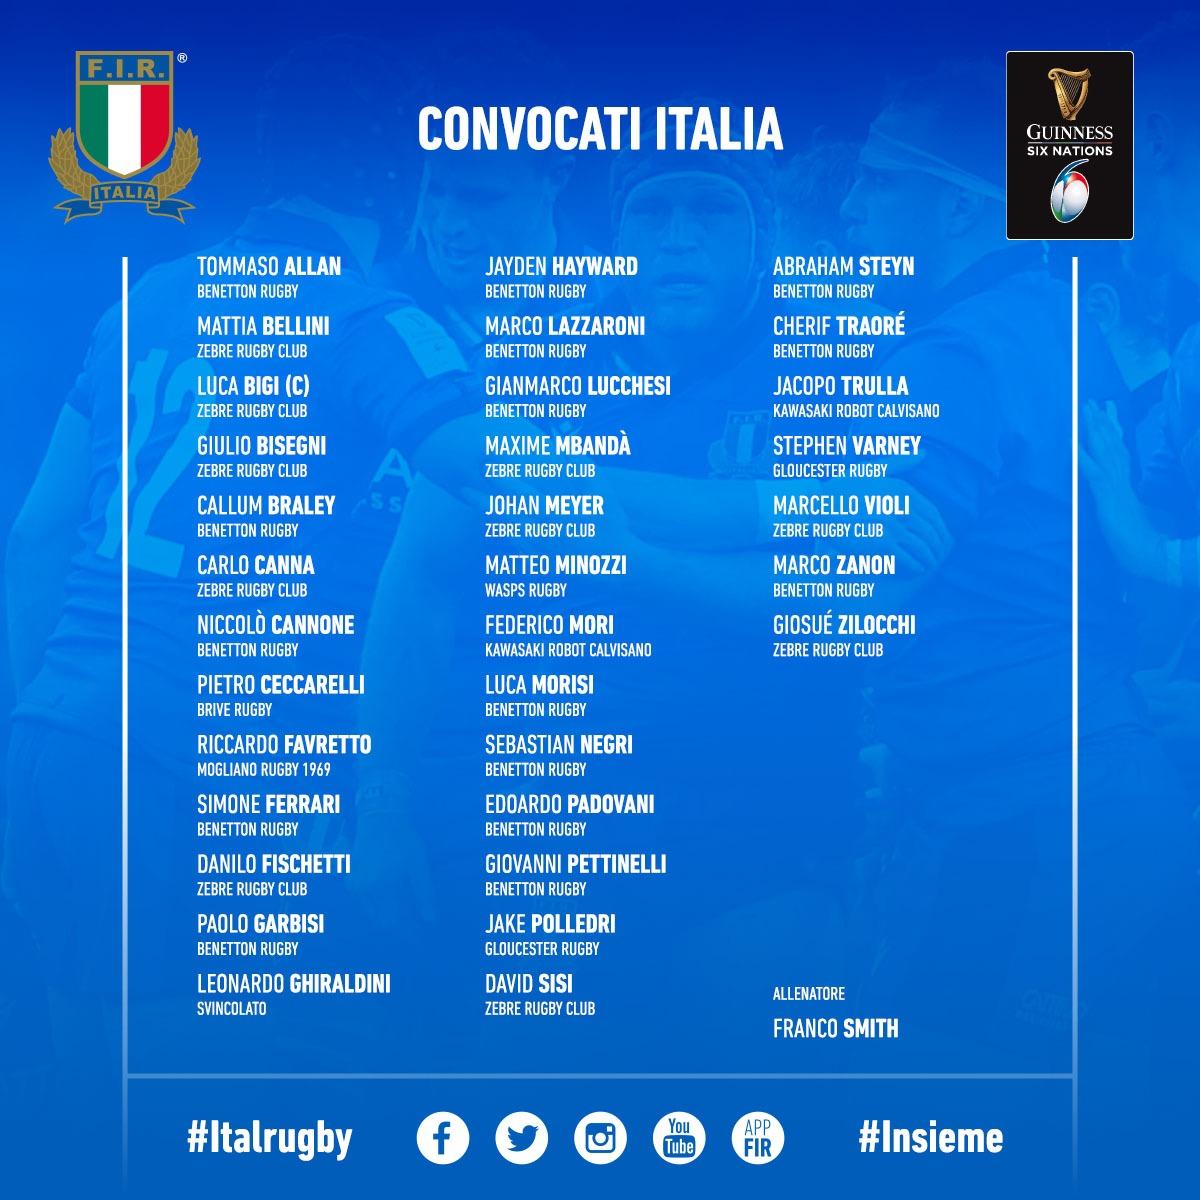 grafica convocati italia ottobre 2020